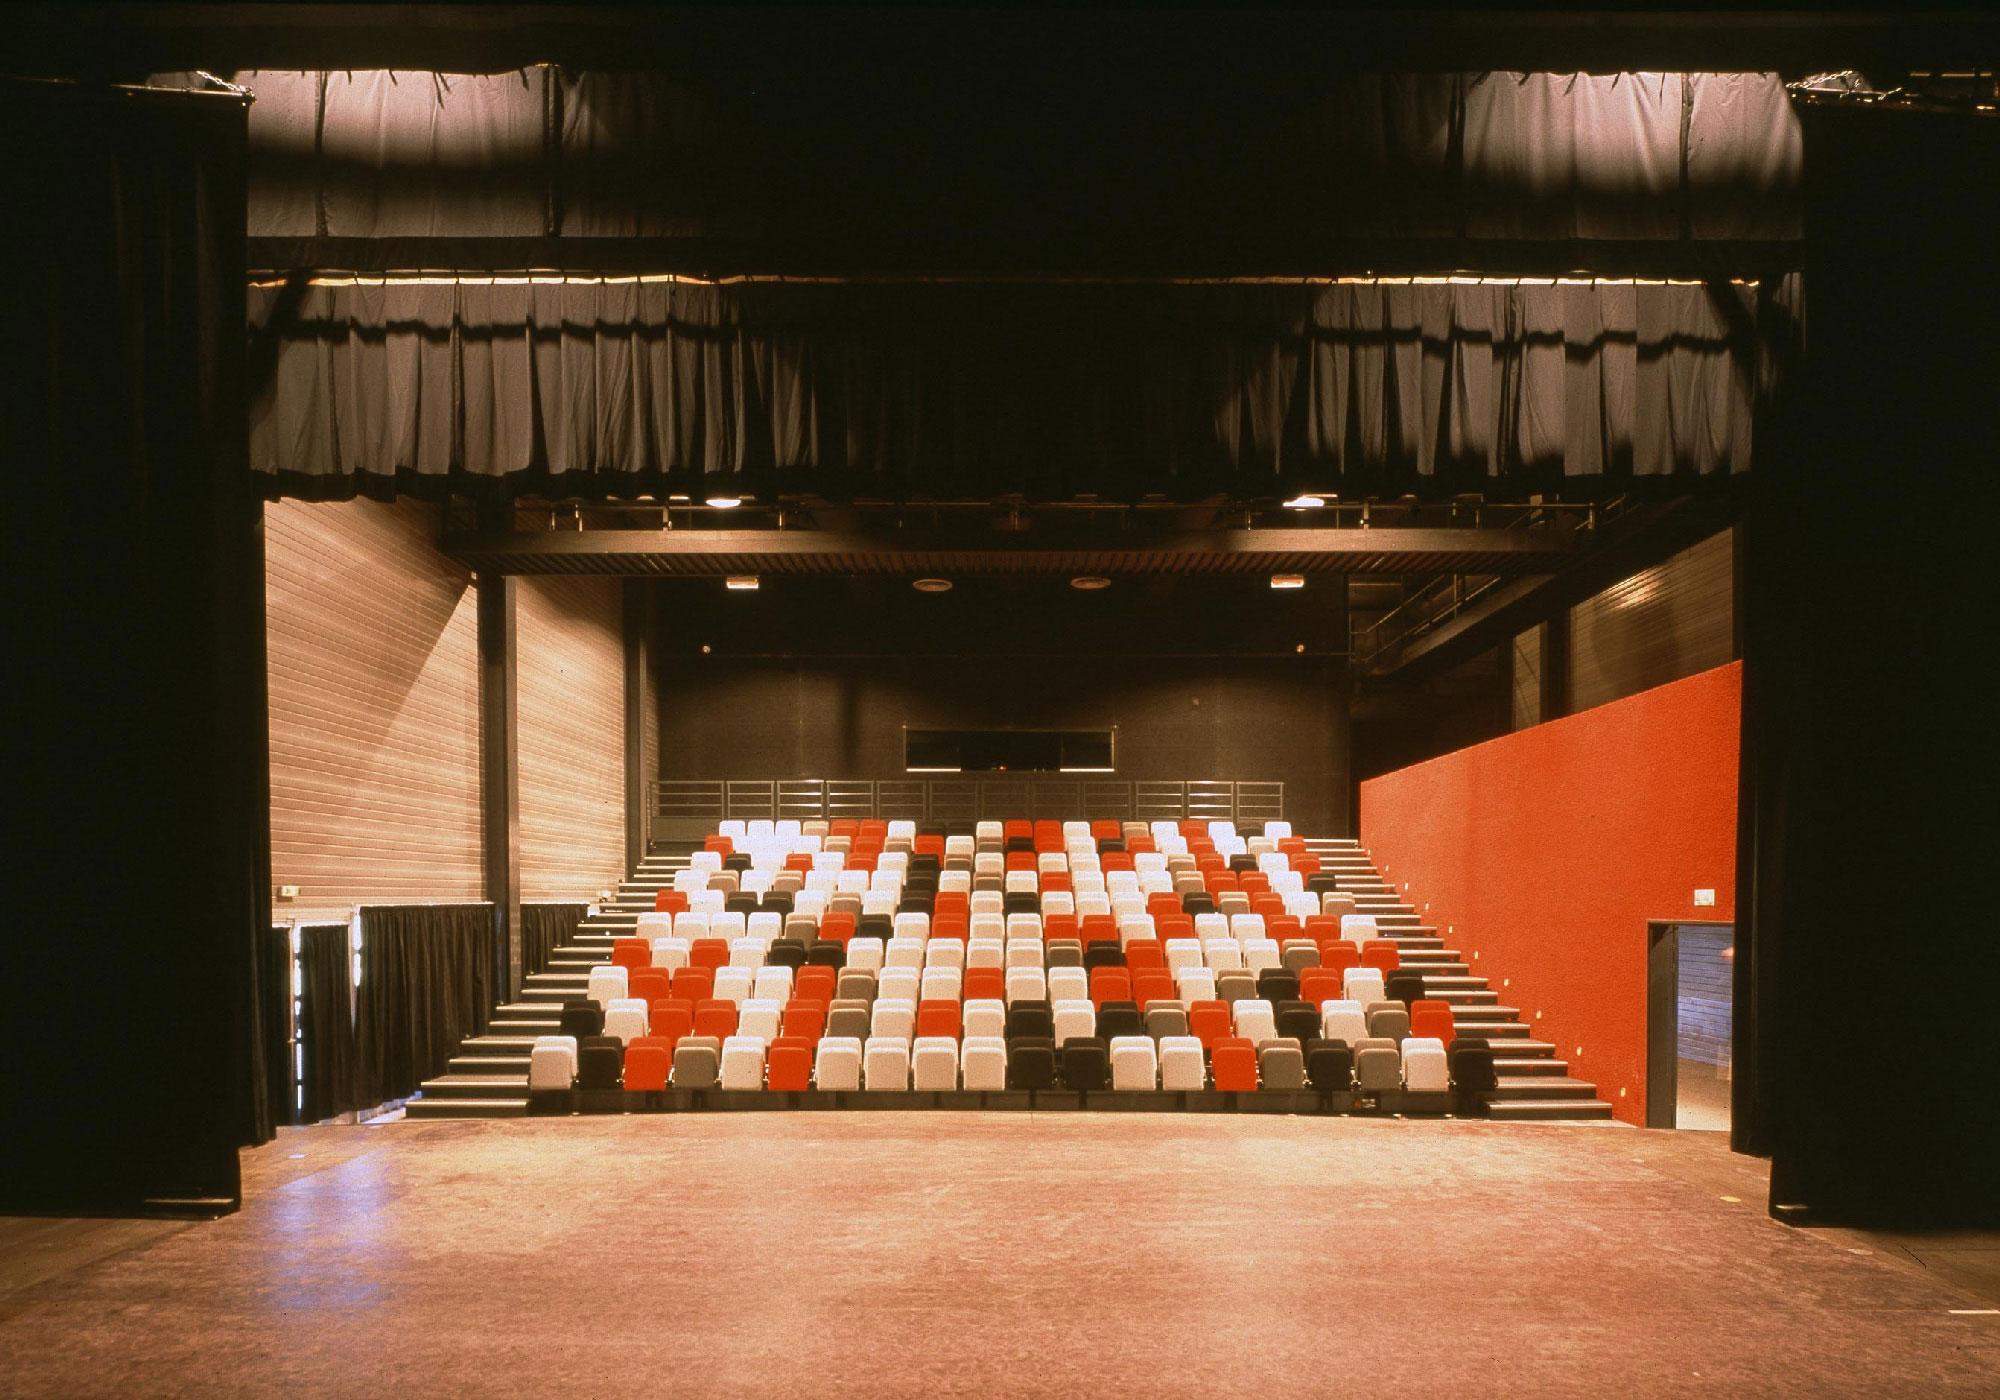 Centre social culturel et sportif de Valdegour - Nîmes - TAUTEM Architecture - salle de spectacle